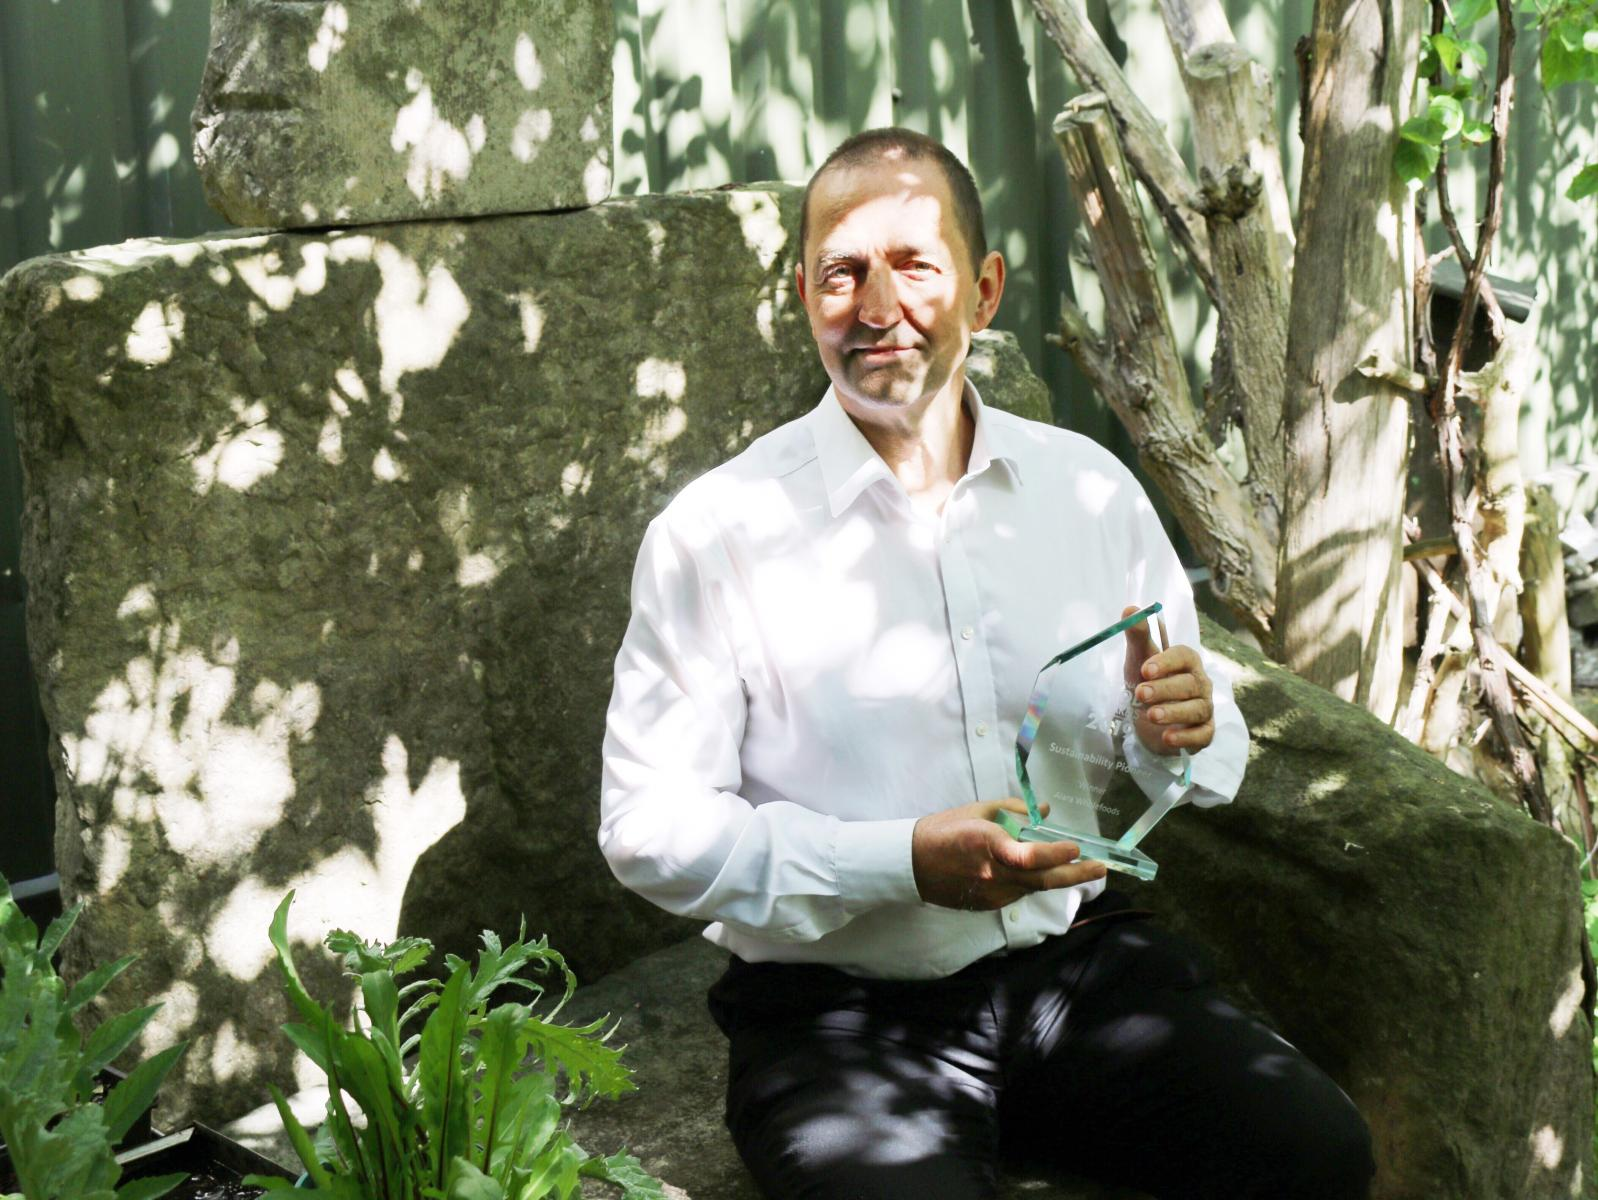 Alex Smith - founder of Alara Wholefoods Ltd